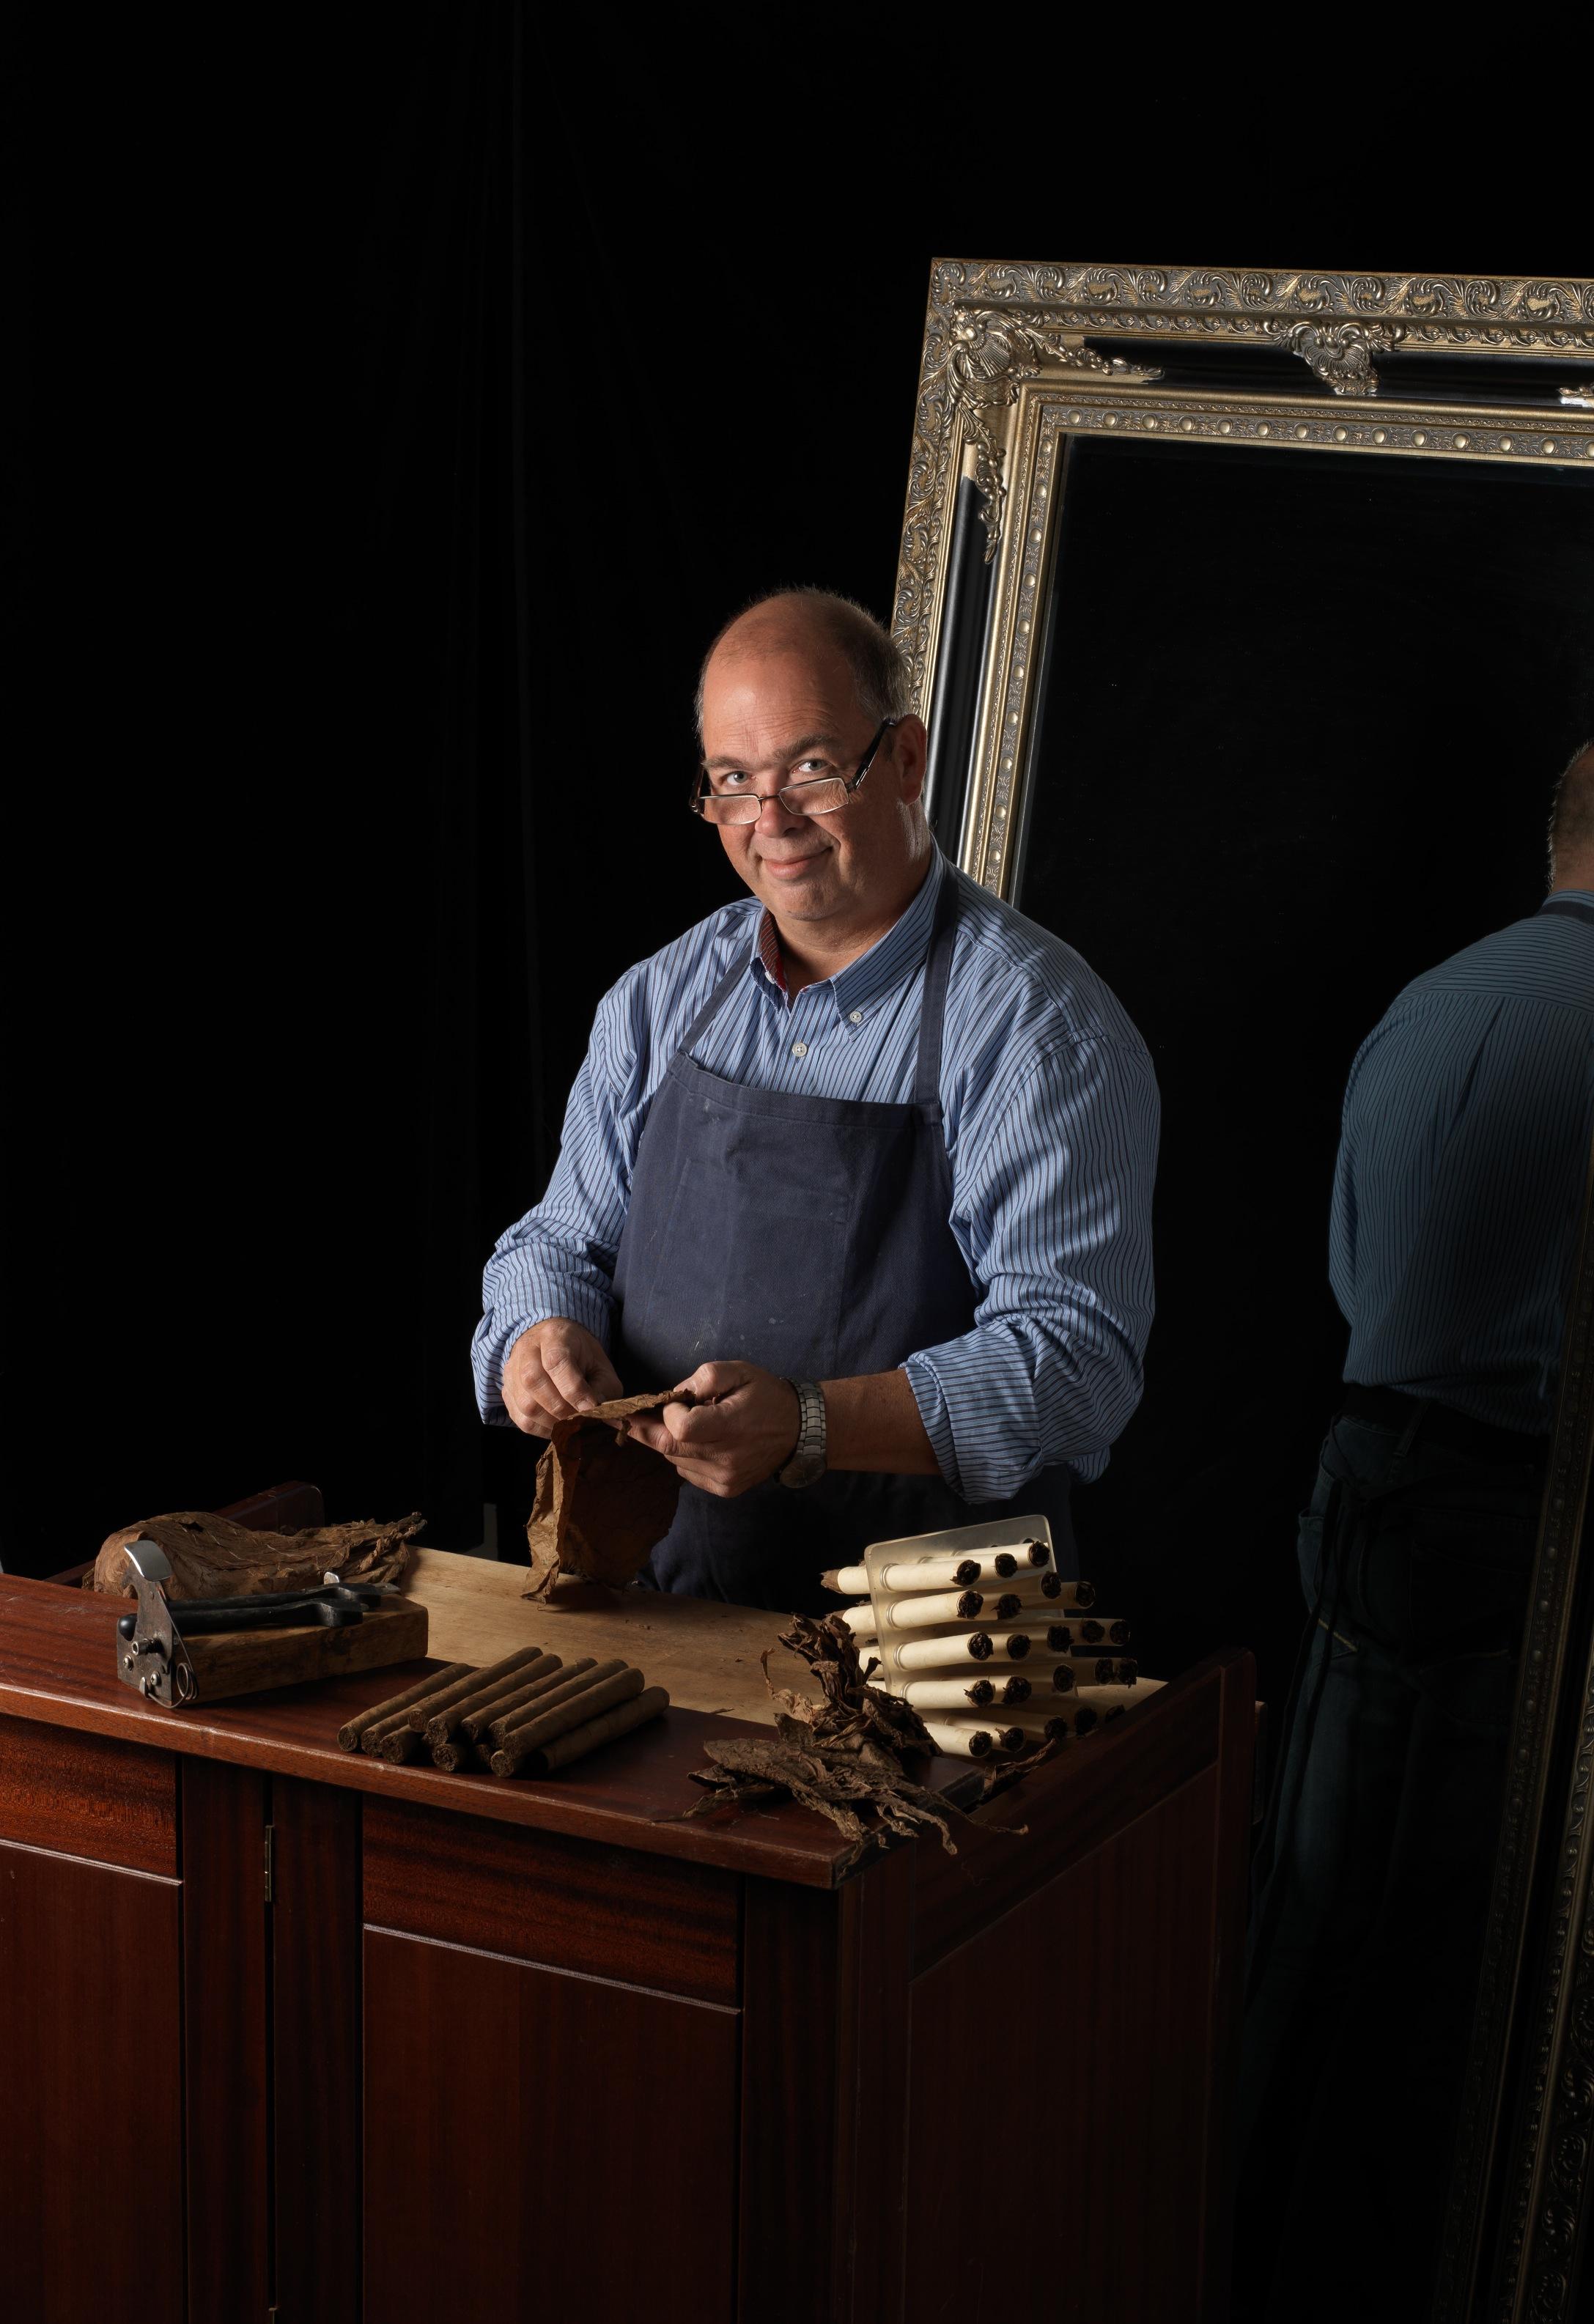 Danmarks eneste cigarmager er klar til at vise håndværket frem